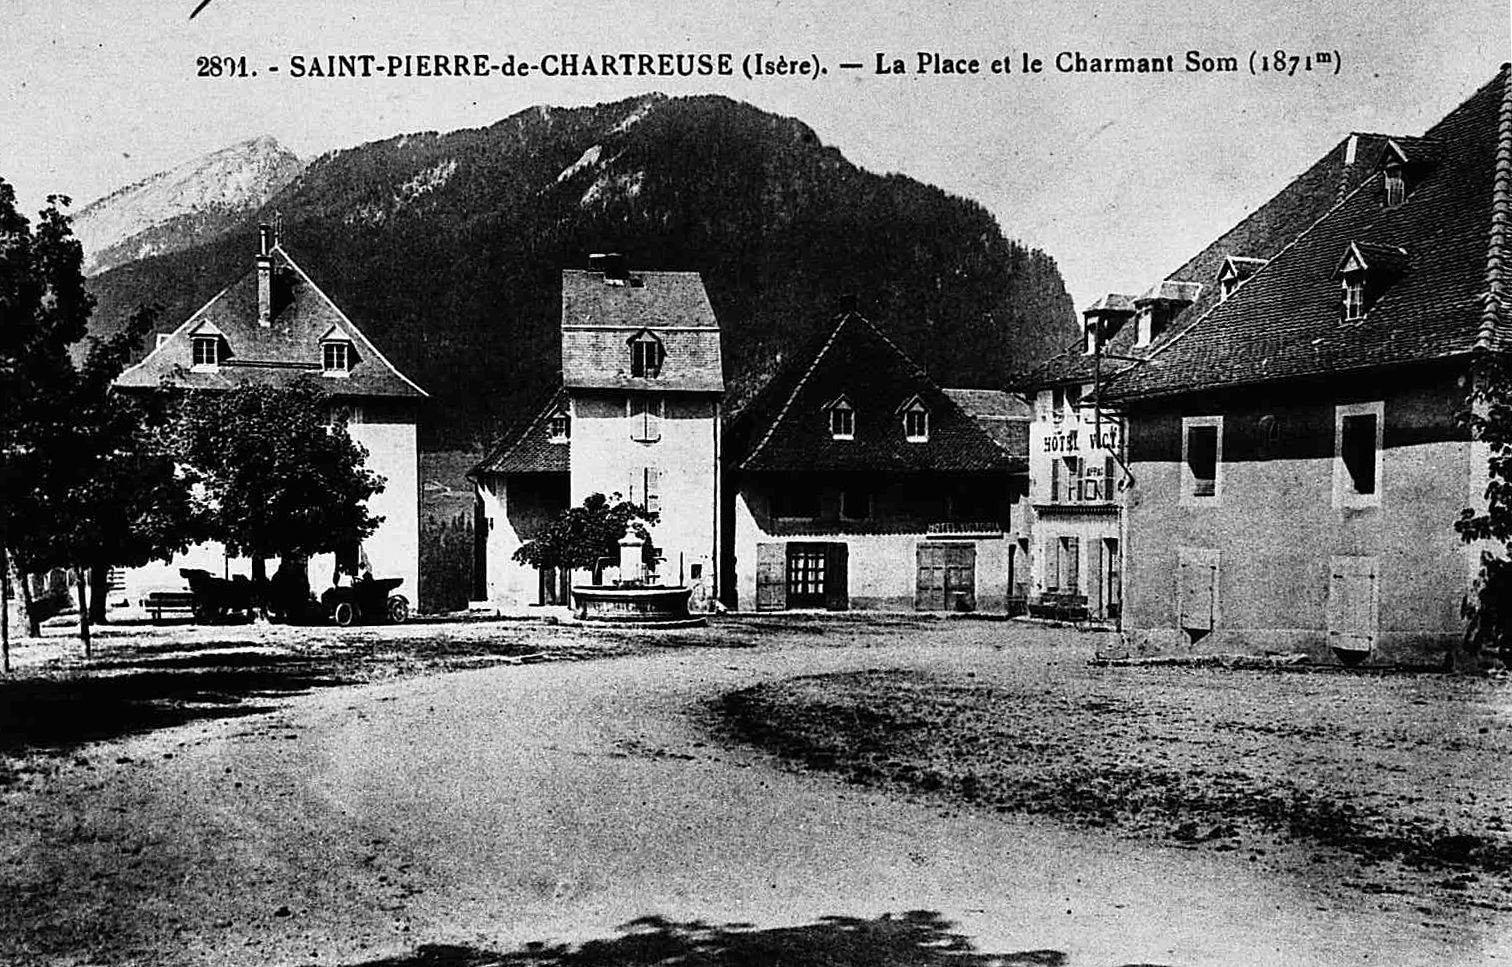 Un caf patrimoine st pierre de chartreuse les amis du parc de chartreuse - Office du tourisme saint pierre de chartreuse ...